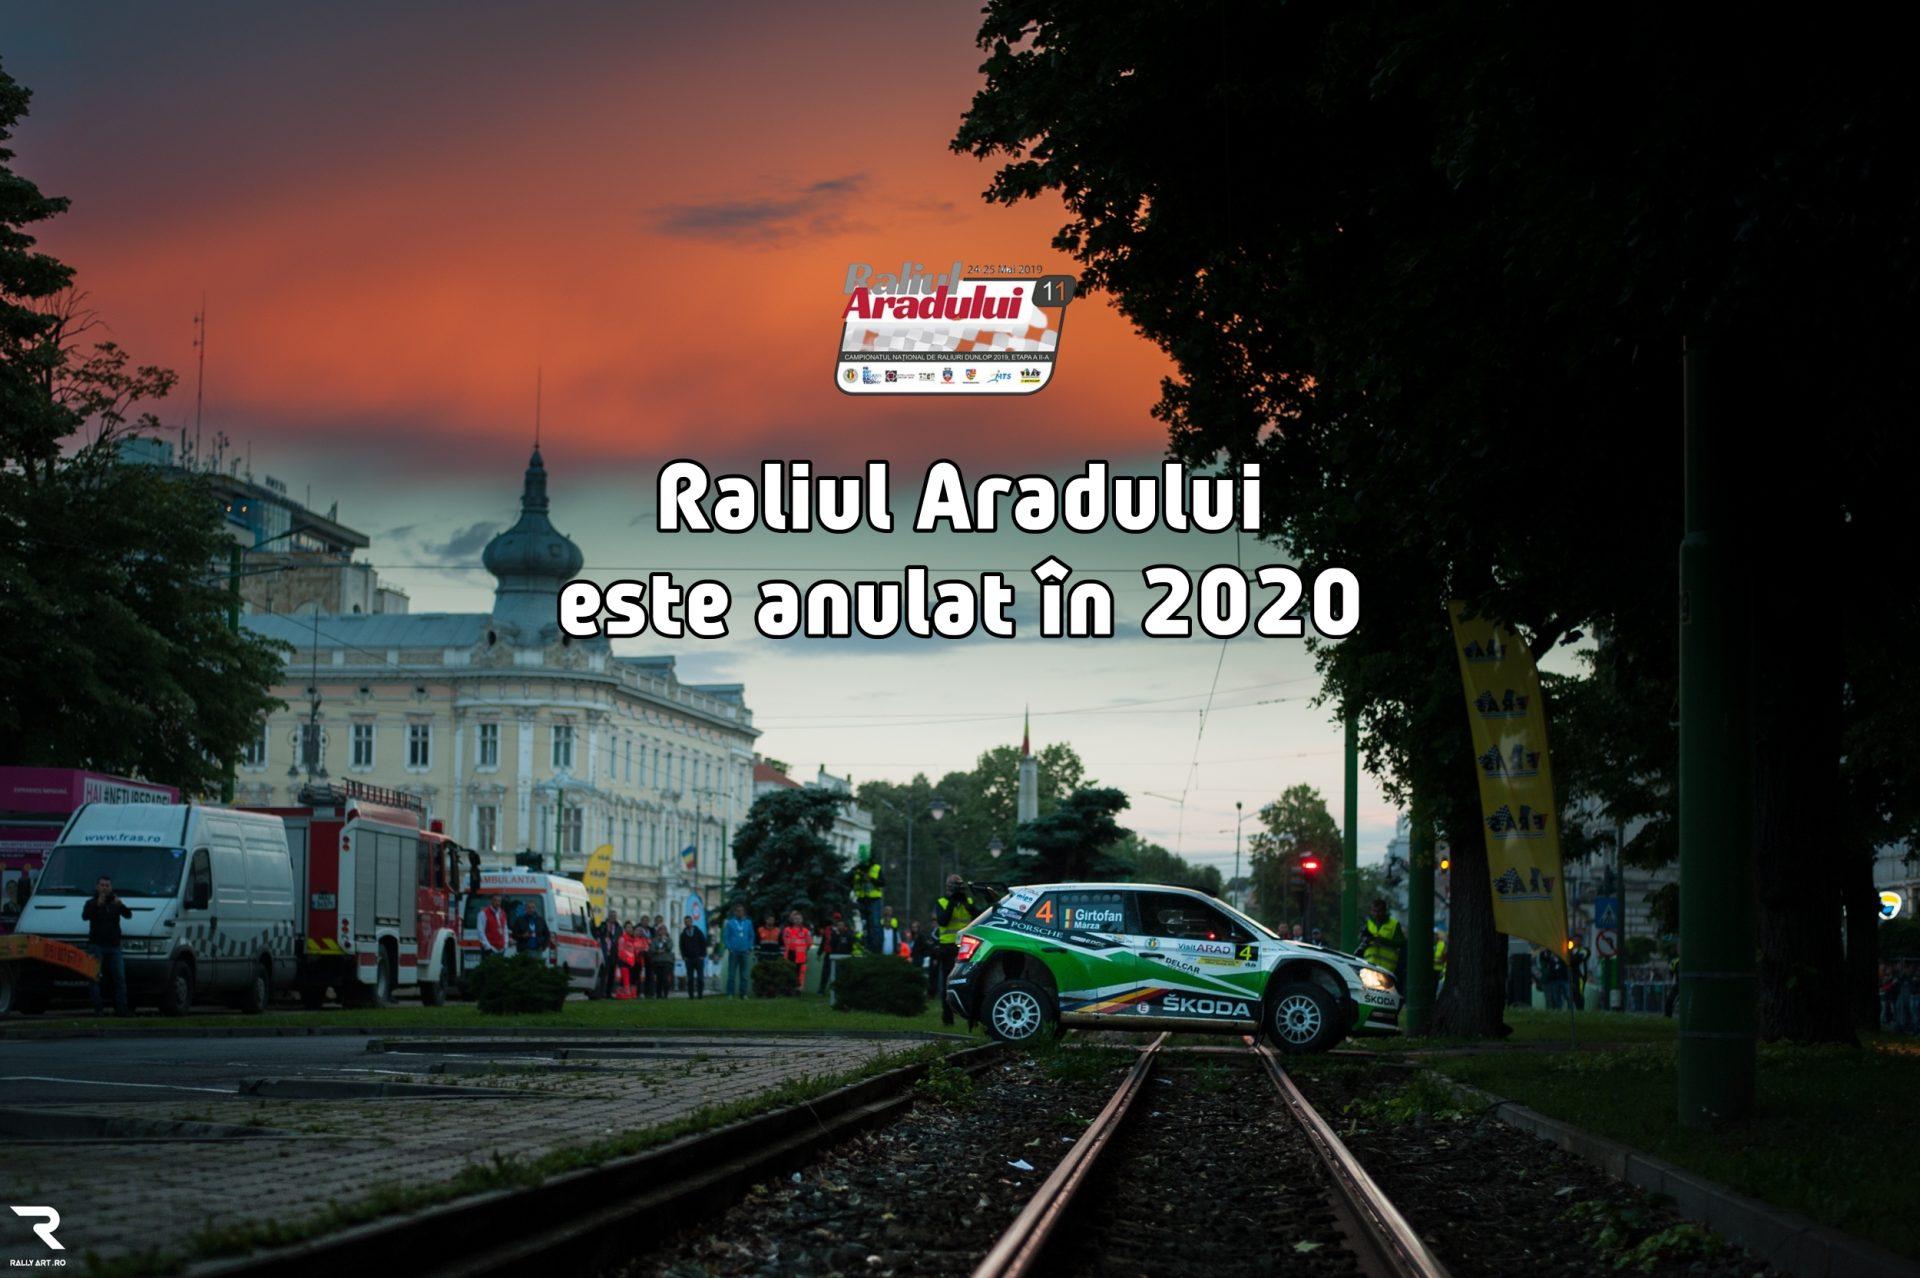 Raliul Aradului 2020 este anulat!